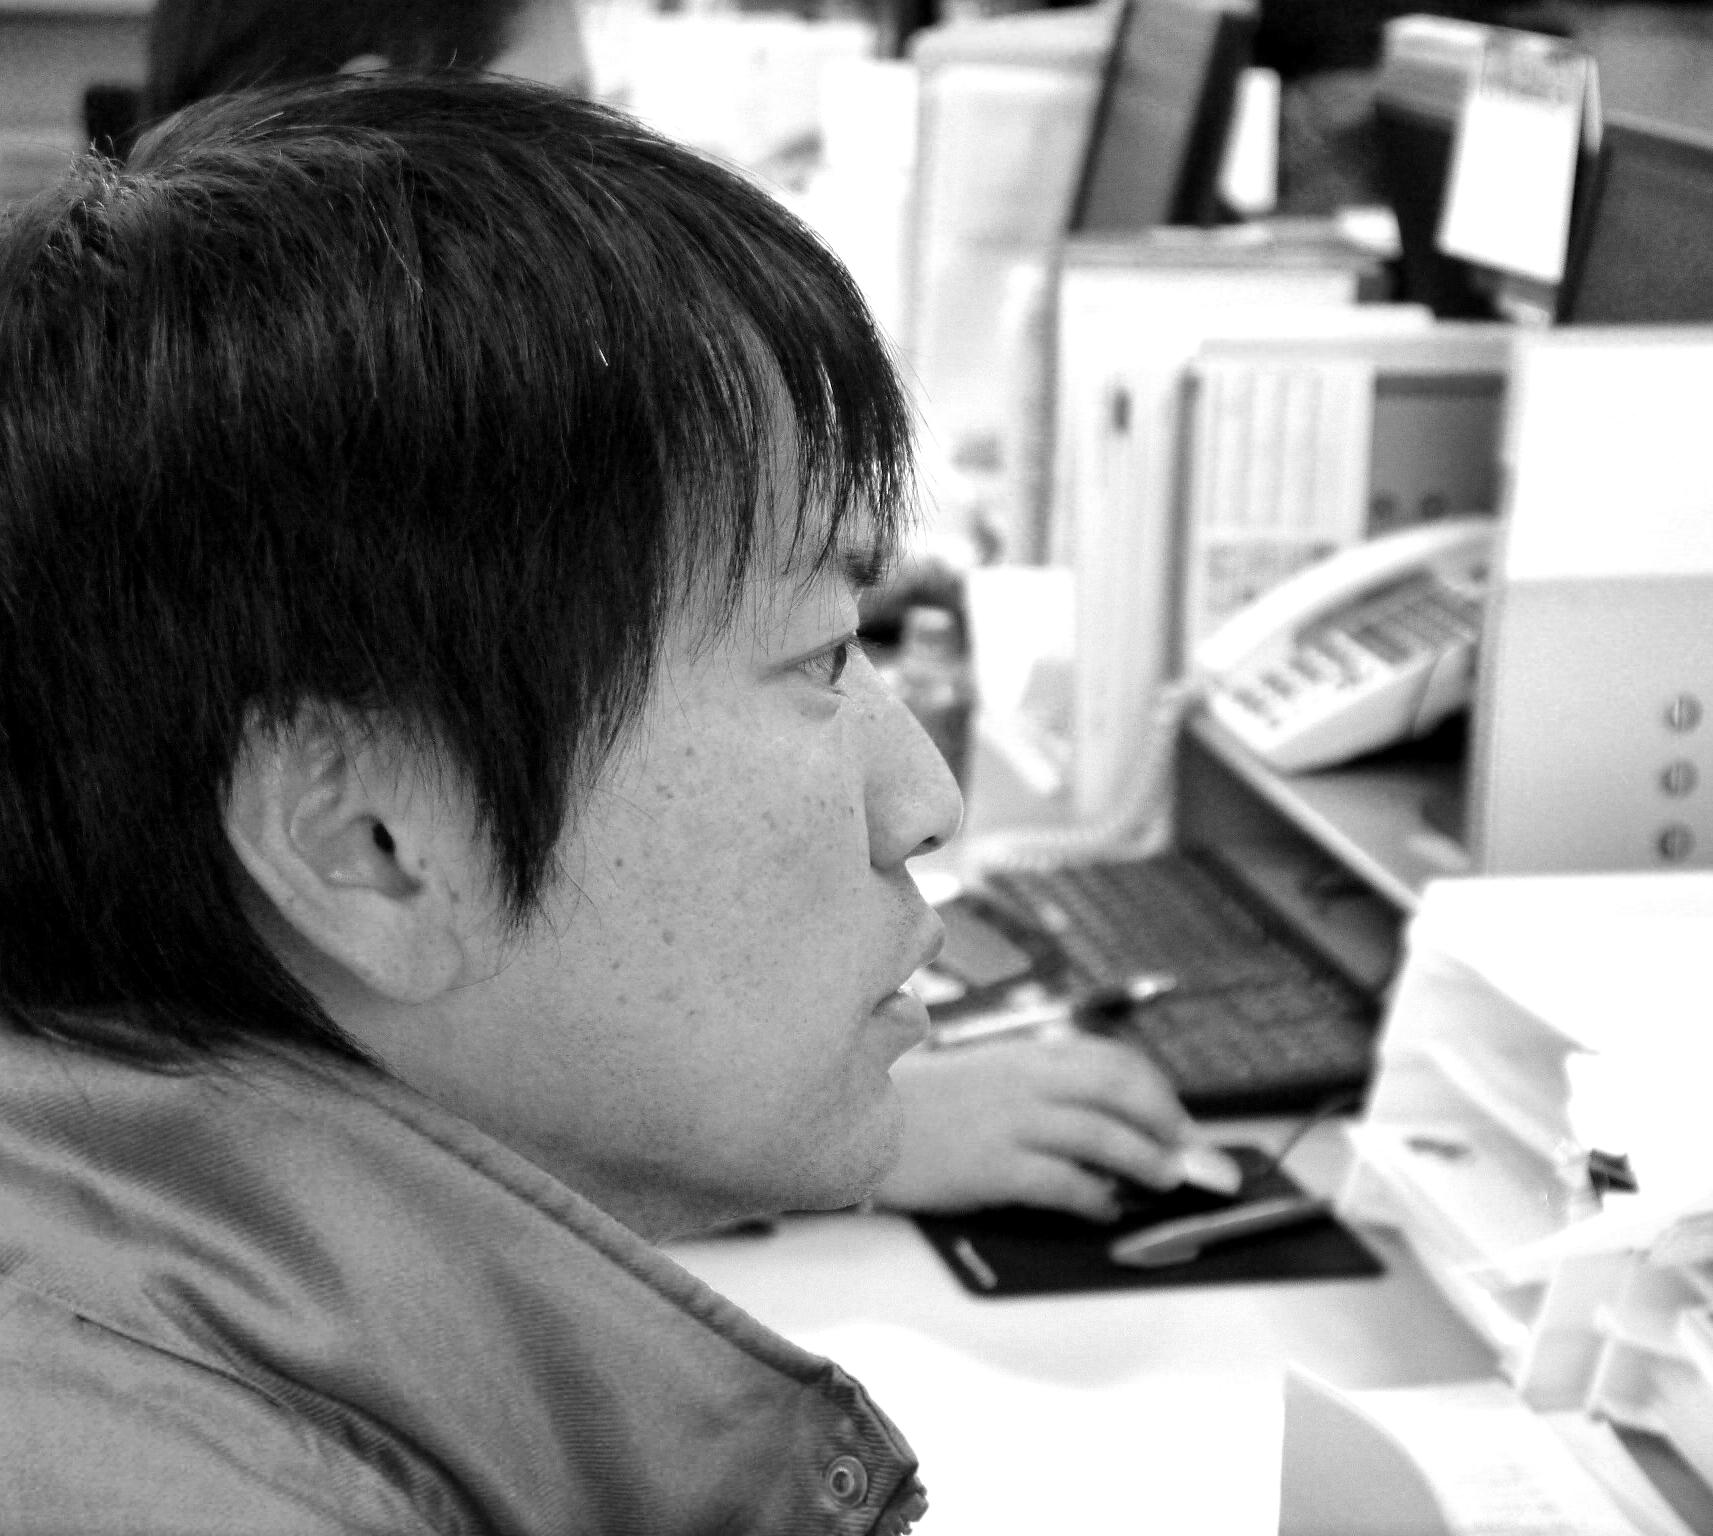 misawa_1_0906